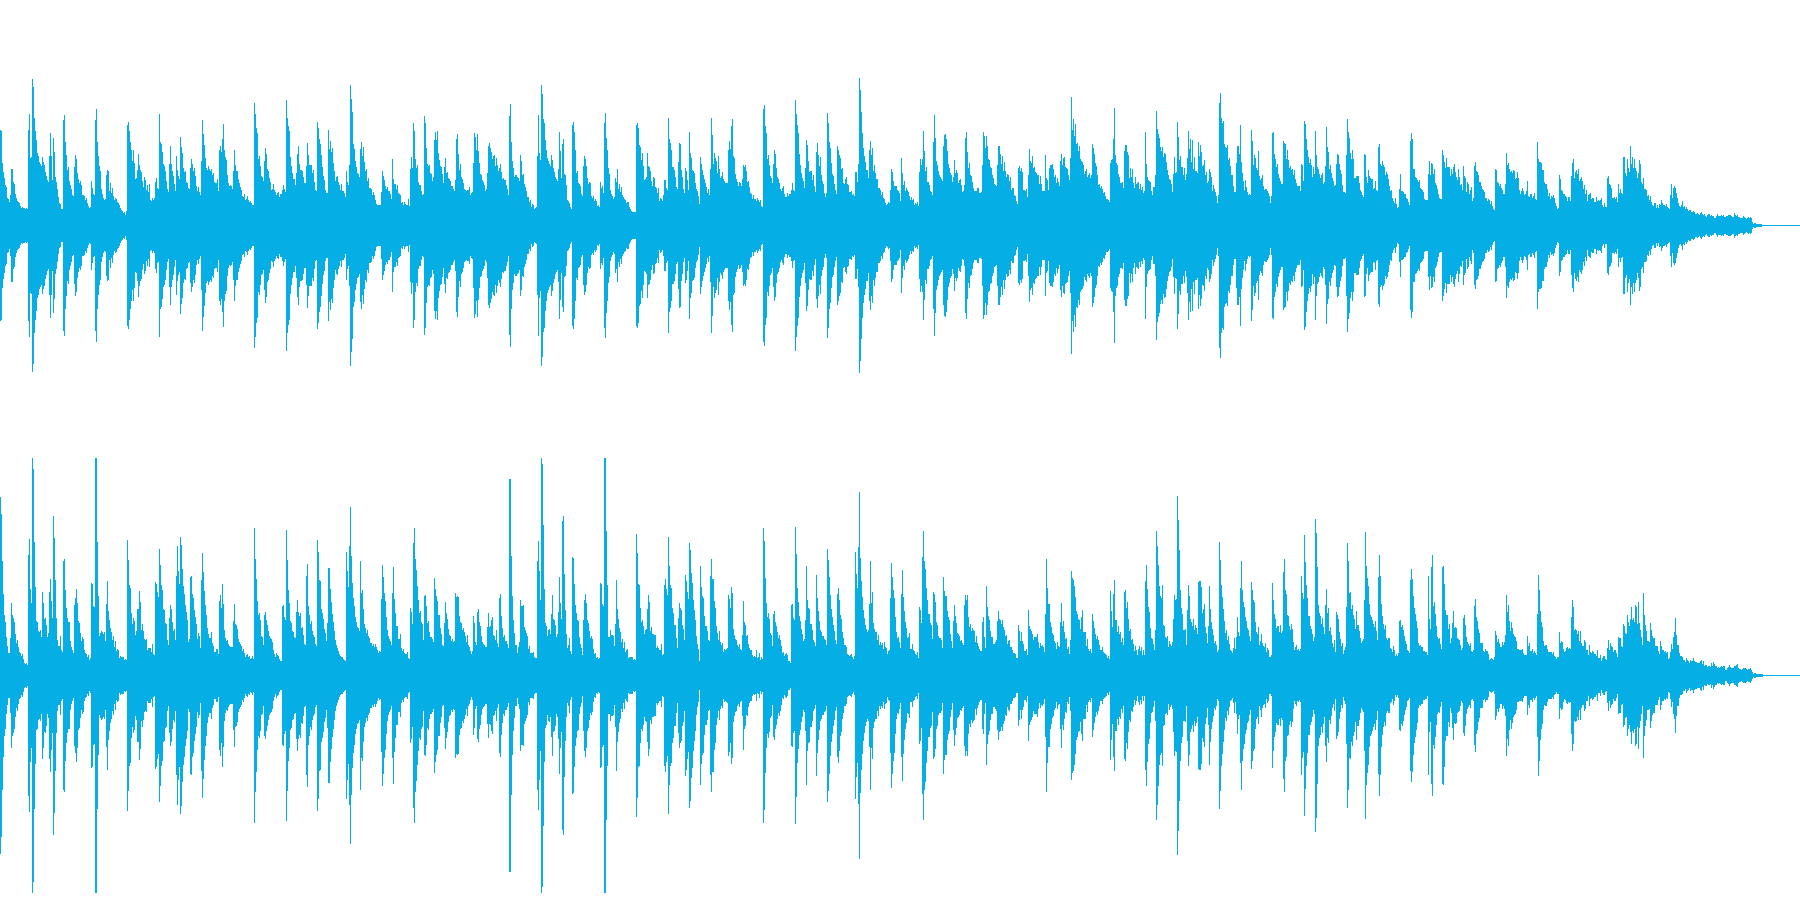 フランス風のお洒落なピアノソロの再生済みの波形